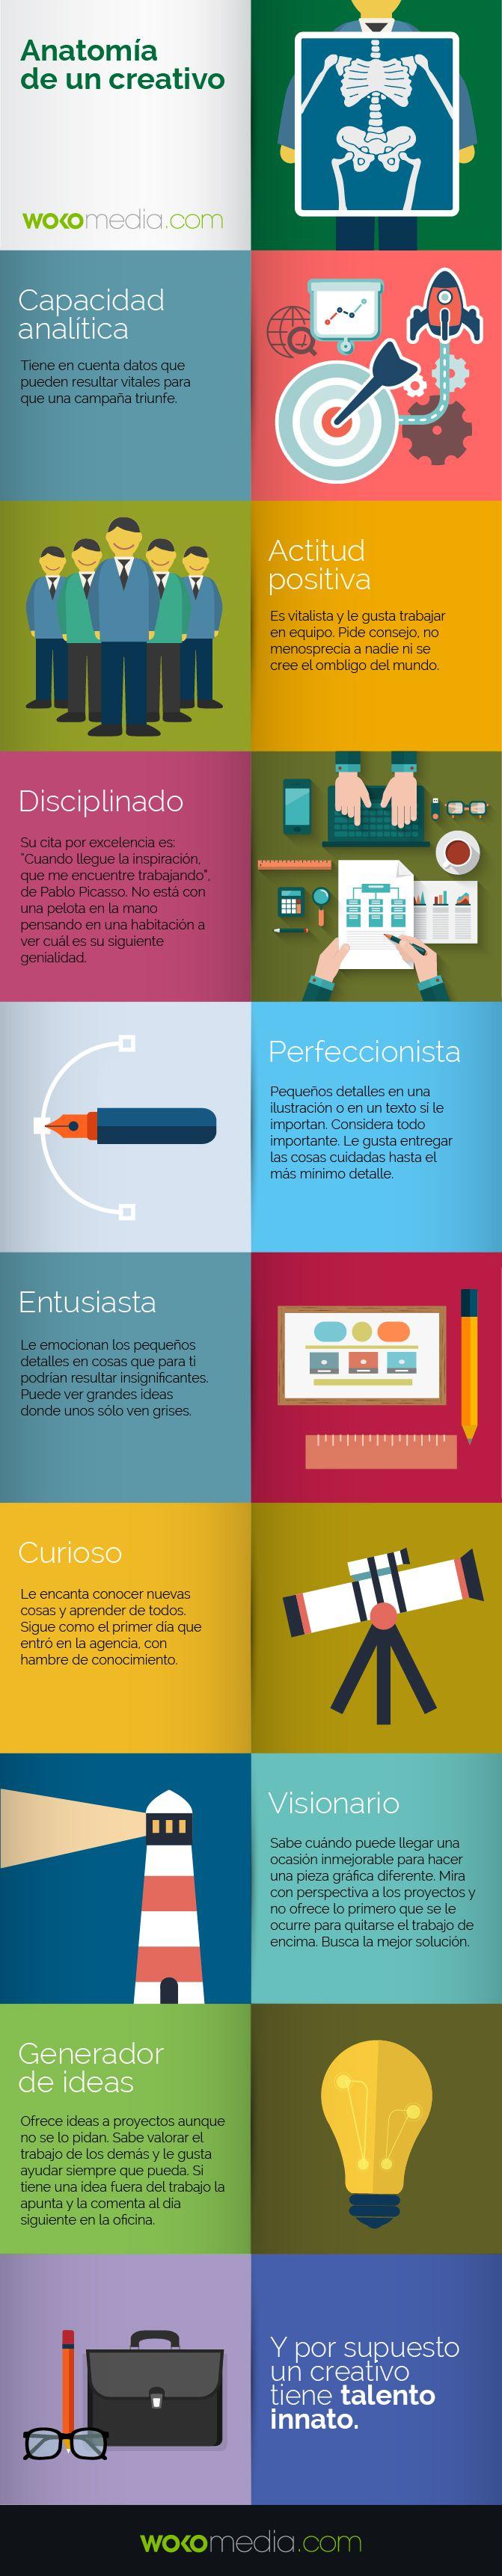 Cómo encontrar a personas creativas. #emprende #empreujat #empreaccionate